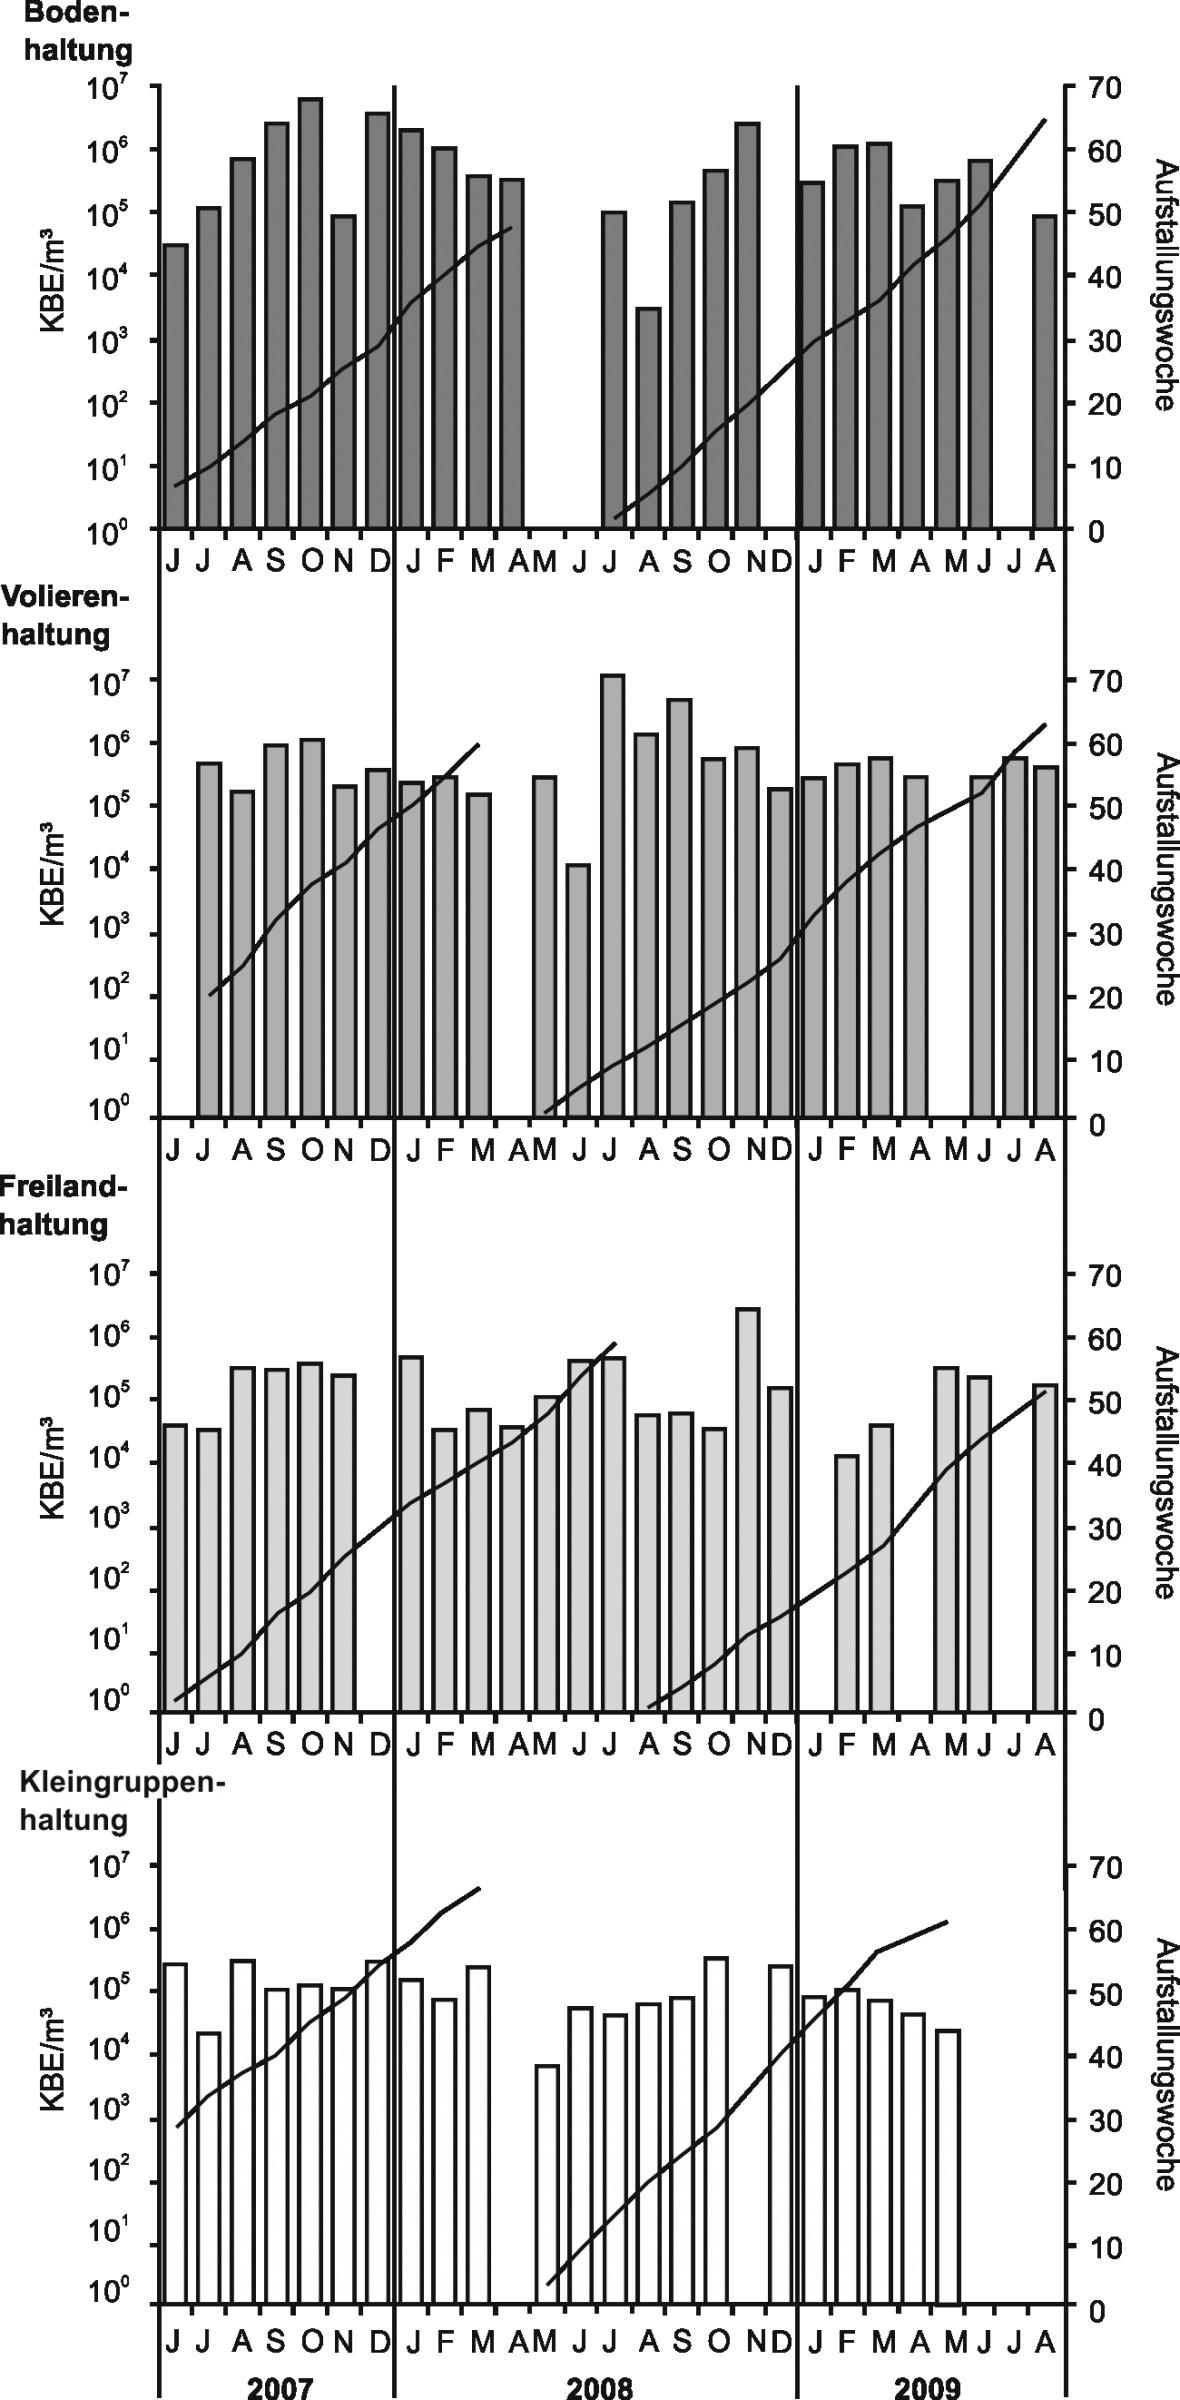 Bild 2. Staphylokokkenkonzentrationen (arithmetisches Mittel, logarithmische Skalierung) und Aufstallungswoche in den vier verschiedenen Haltungssystemen für Legehennen im Verlauf des Untersuchungszeitraums. Quelle: IFA